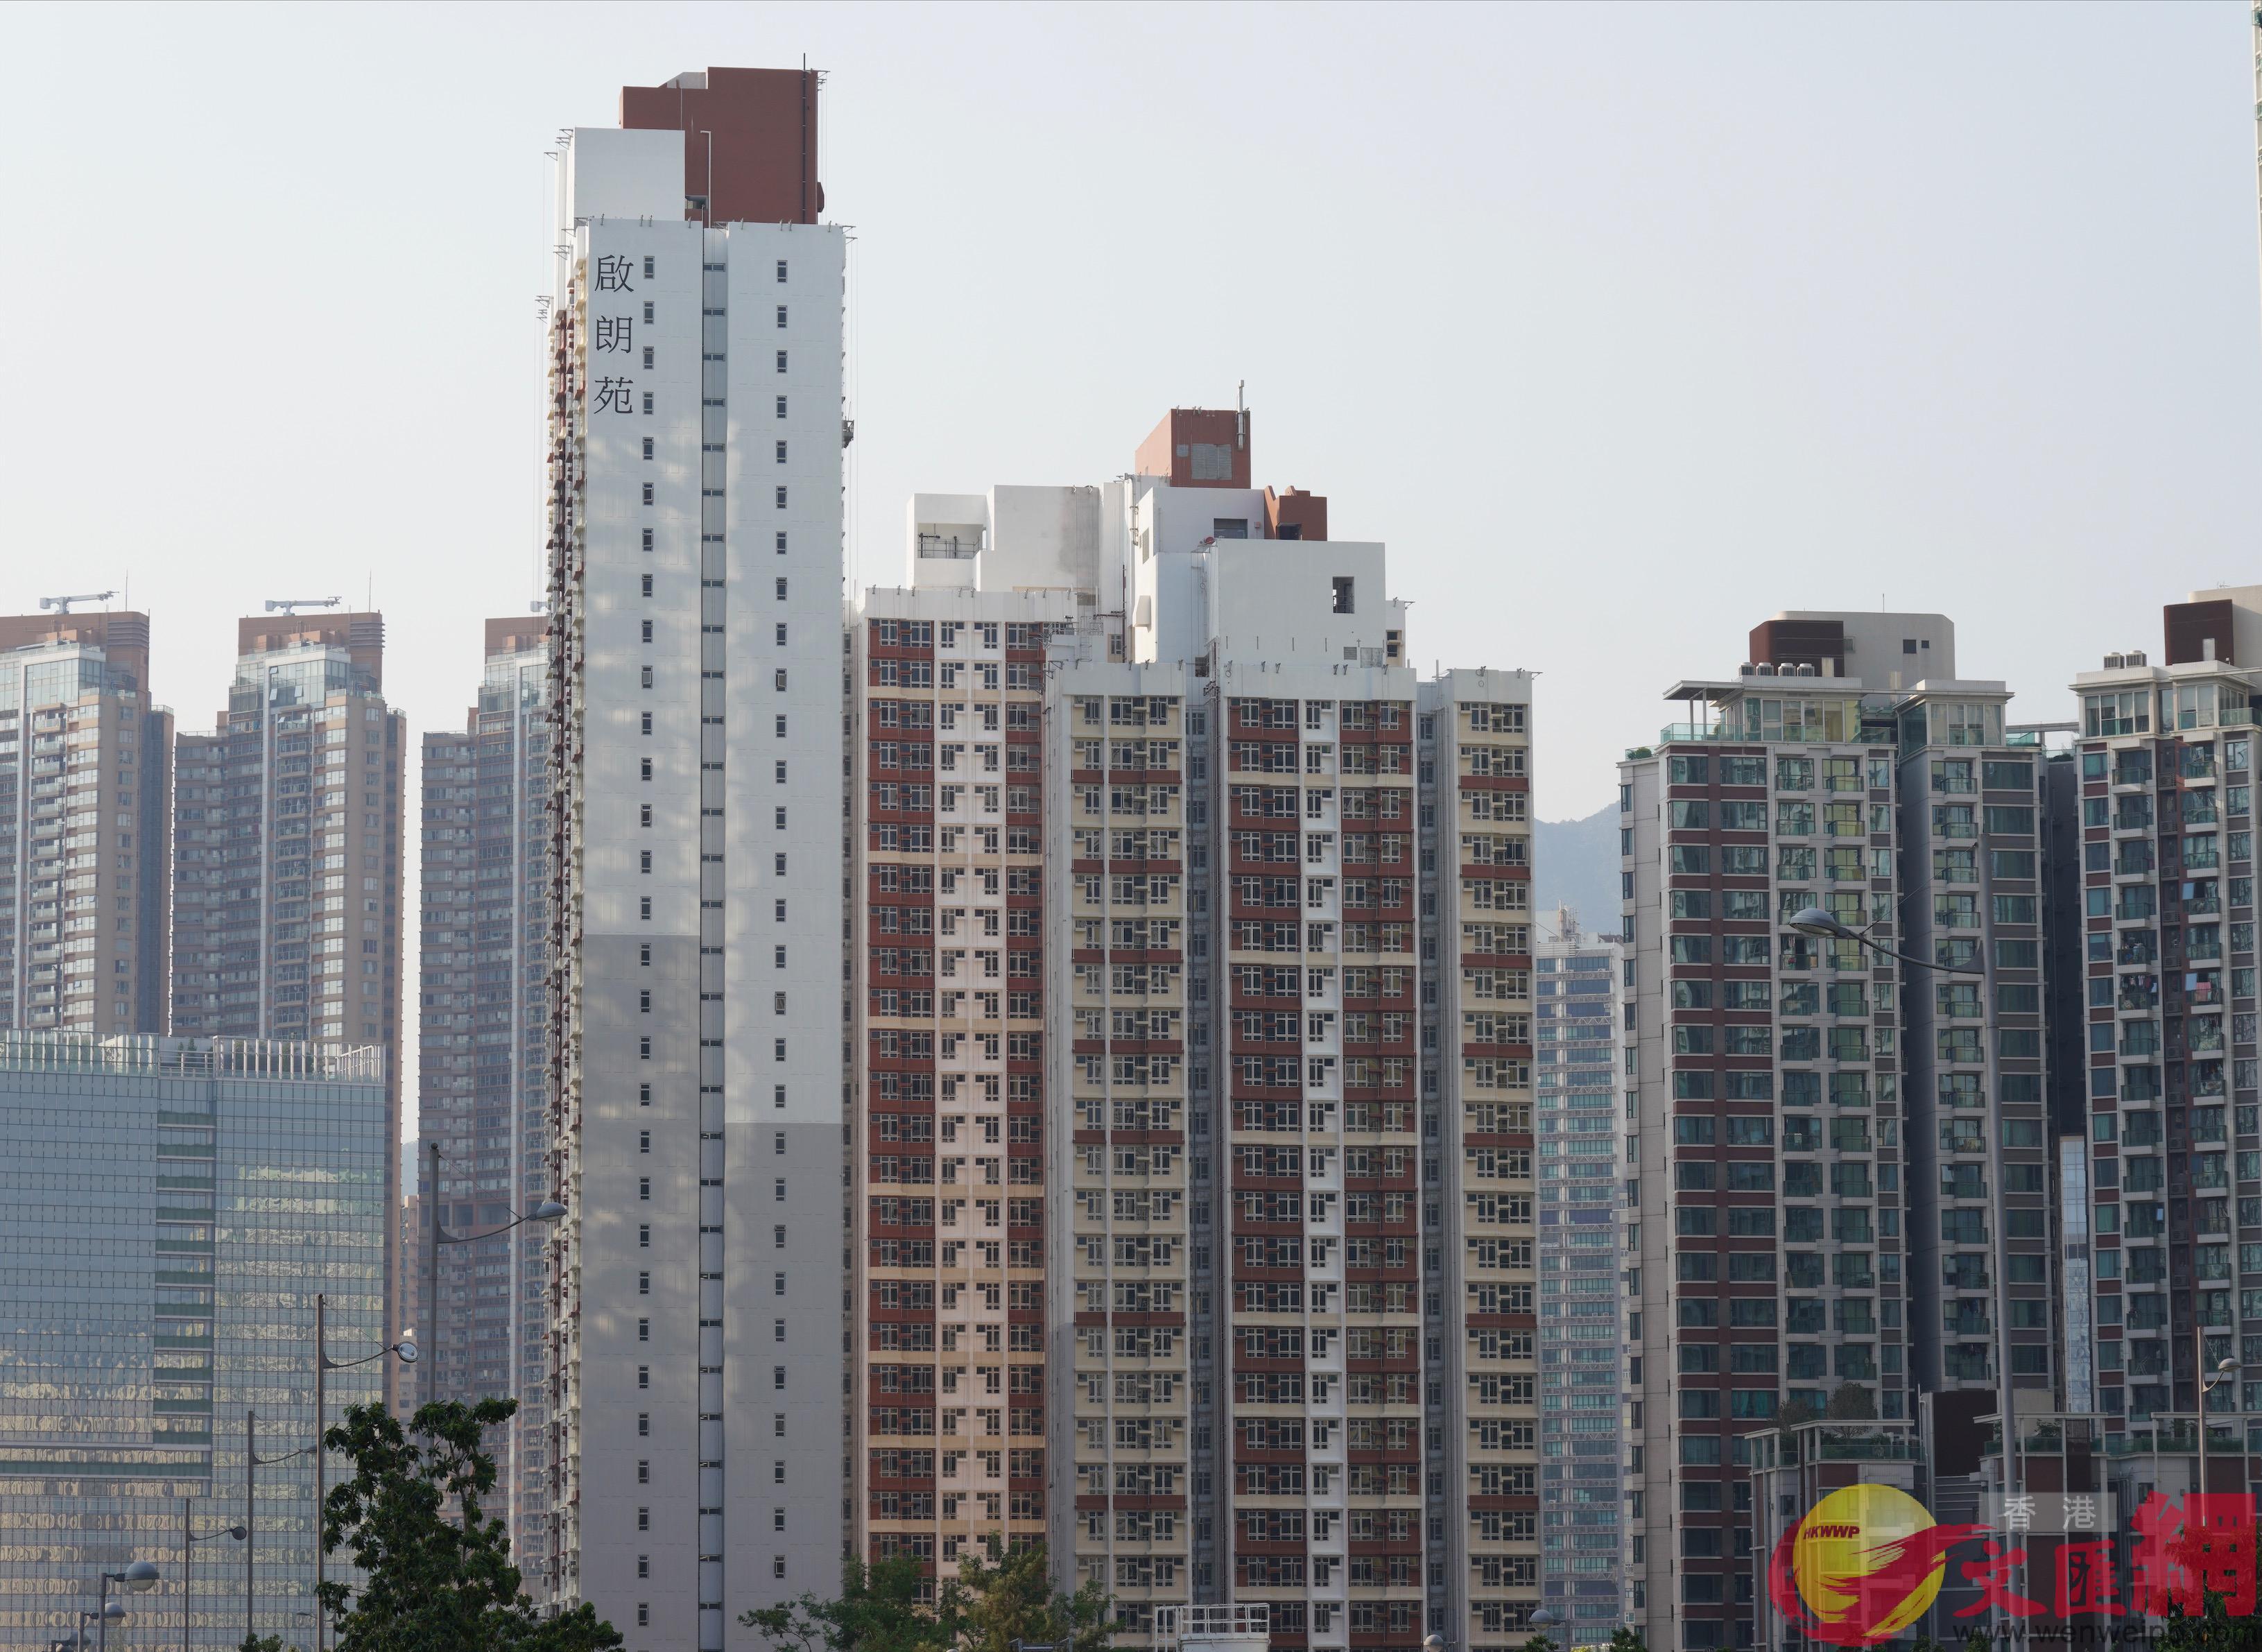 香港居屋(全媒體記者李湃豐攝)